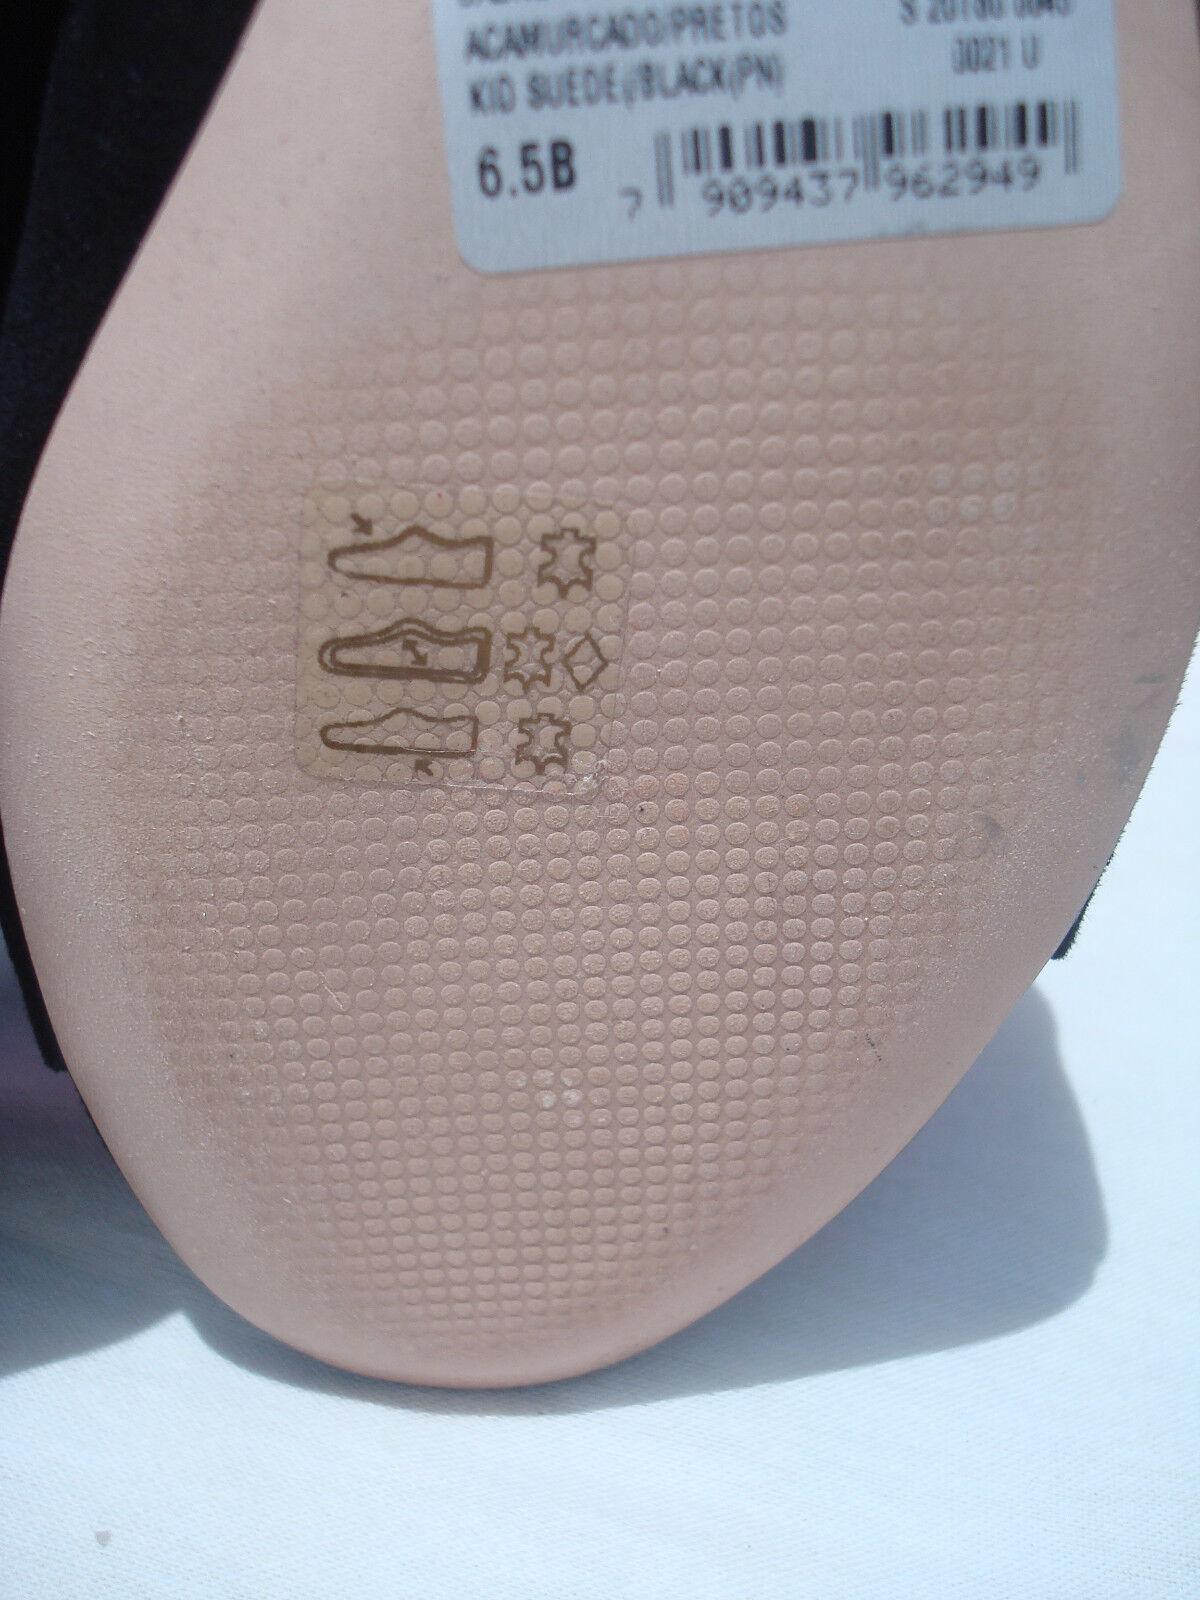 New Schutz Jaene nero nero nero Kid Suede donna Mule Flip Flops Sandals Open scarpe 6.5 d18c52